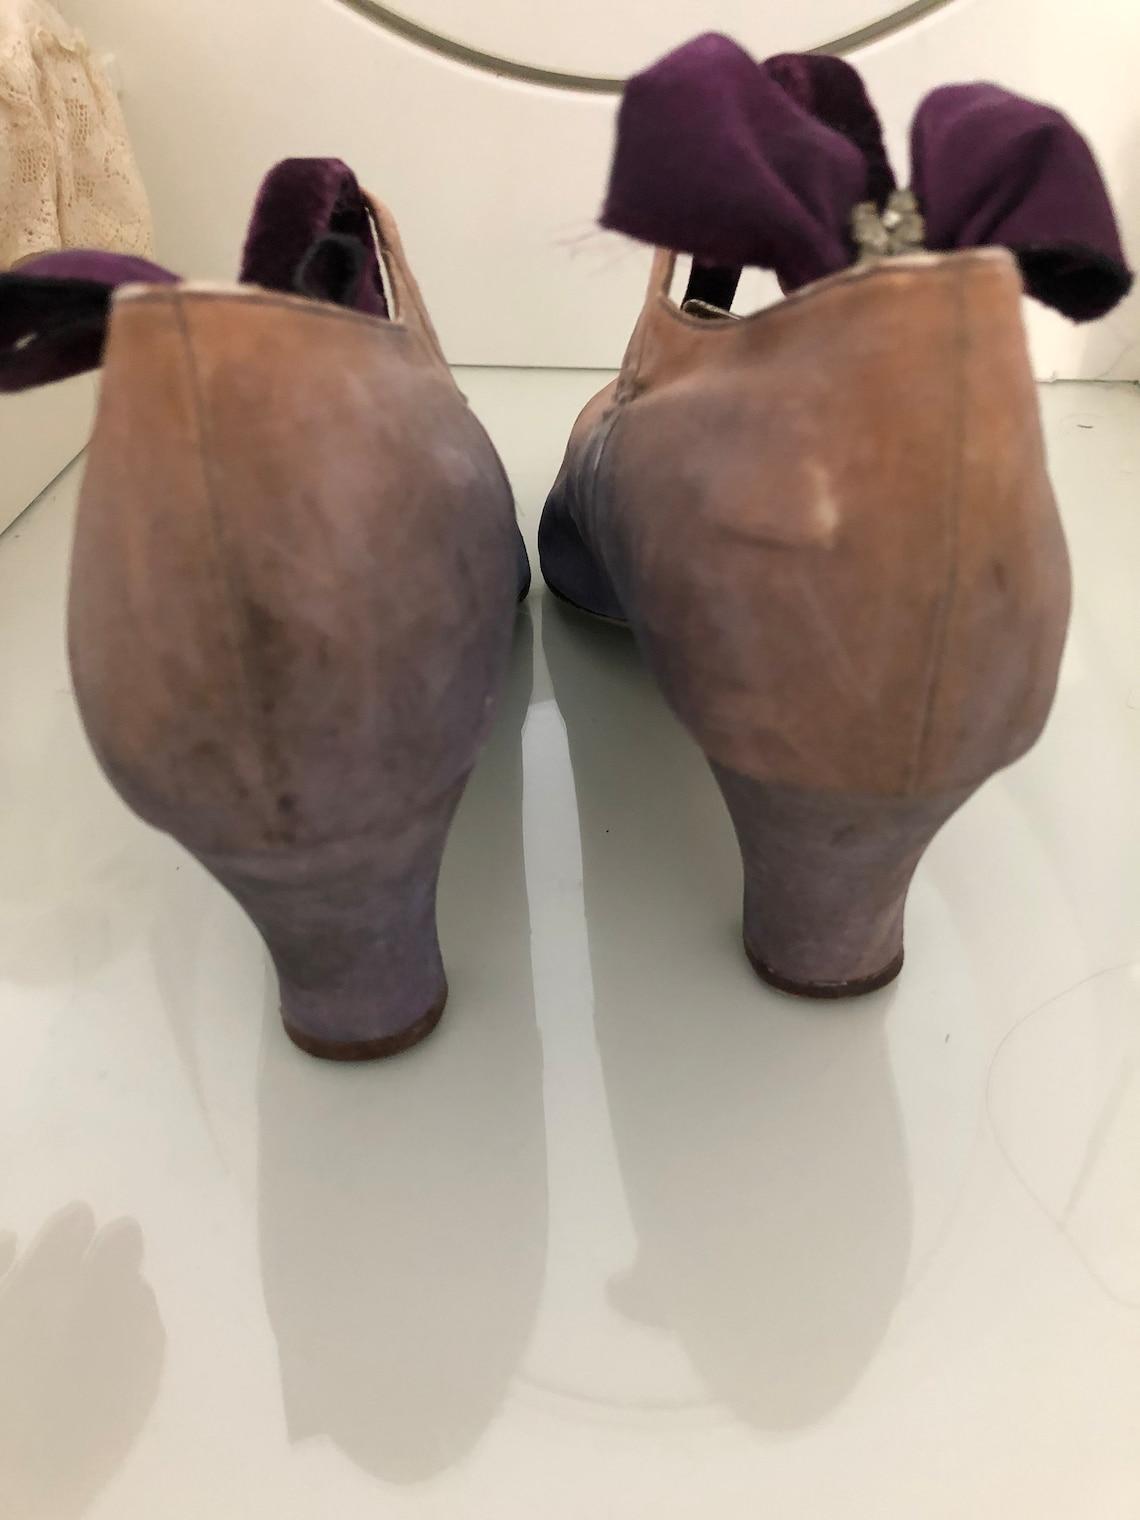 1920 LIlac Zapatos de Seda - Zapatos Harrods - Zapatos Flapper - Zapatos cosidos a mano